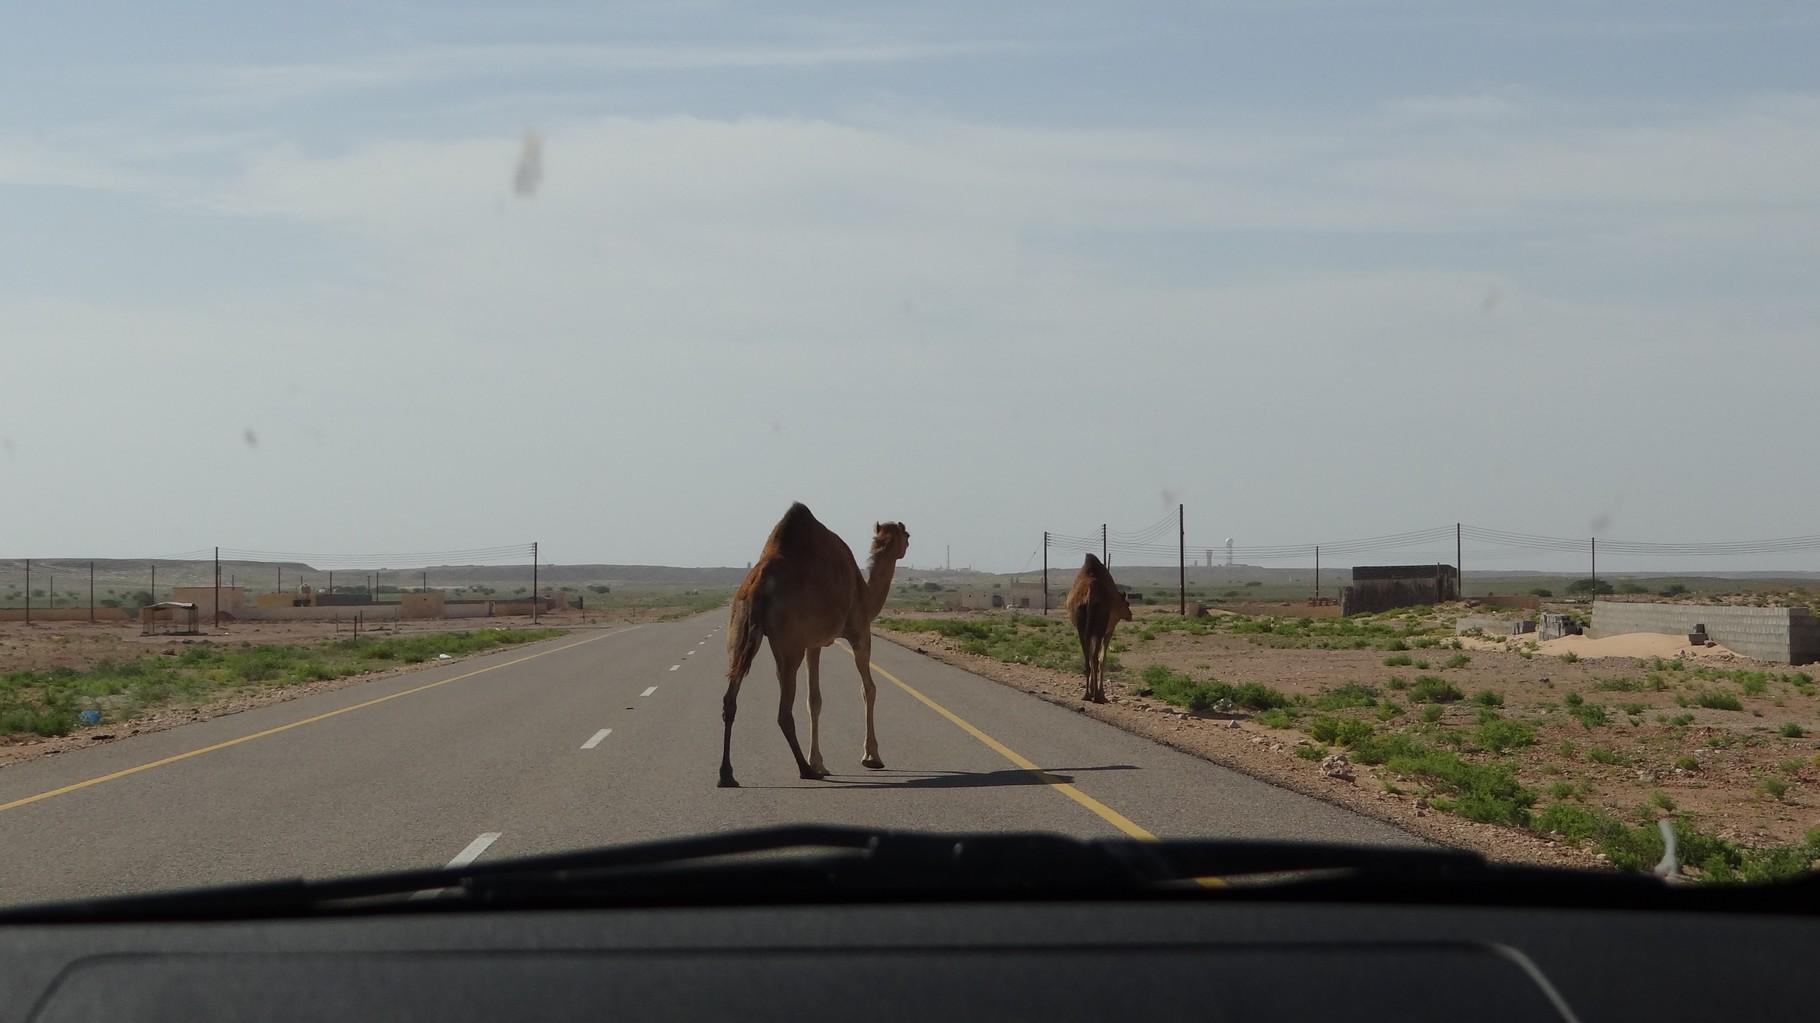 Und schon wieder Kamele, einfach mitten auf der Strasse